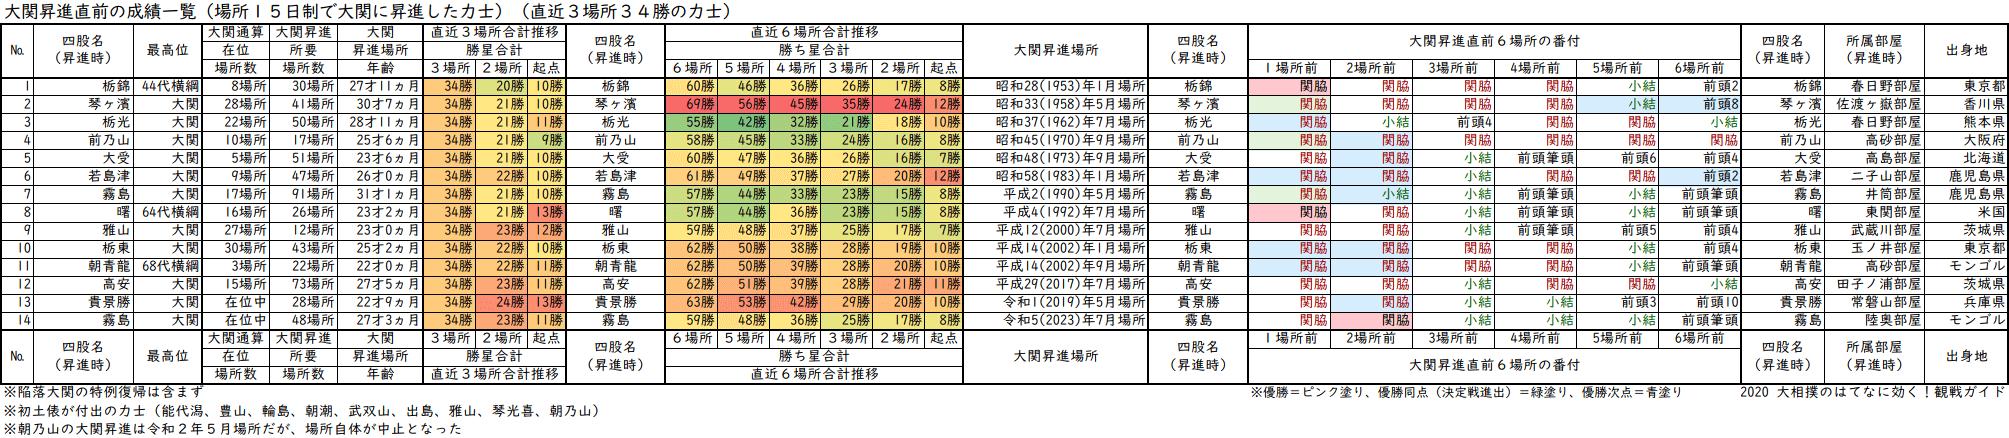 大関昇進前3場所の成績が34勝の力士一覧表・直近3場所及び直近6場所の合計勝ち星と番付